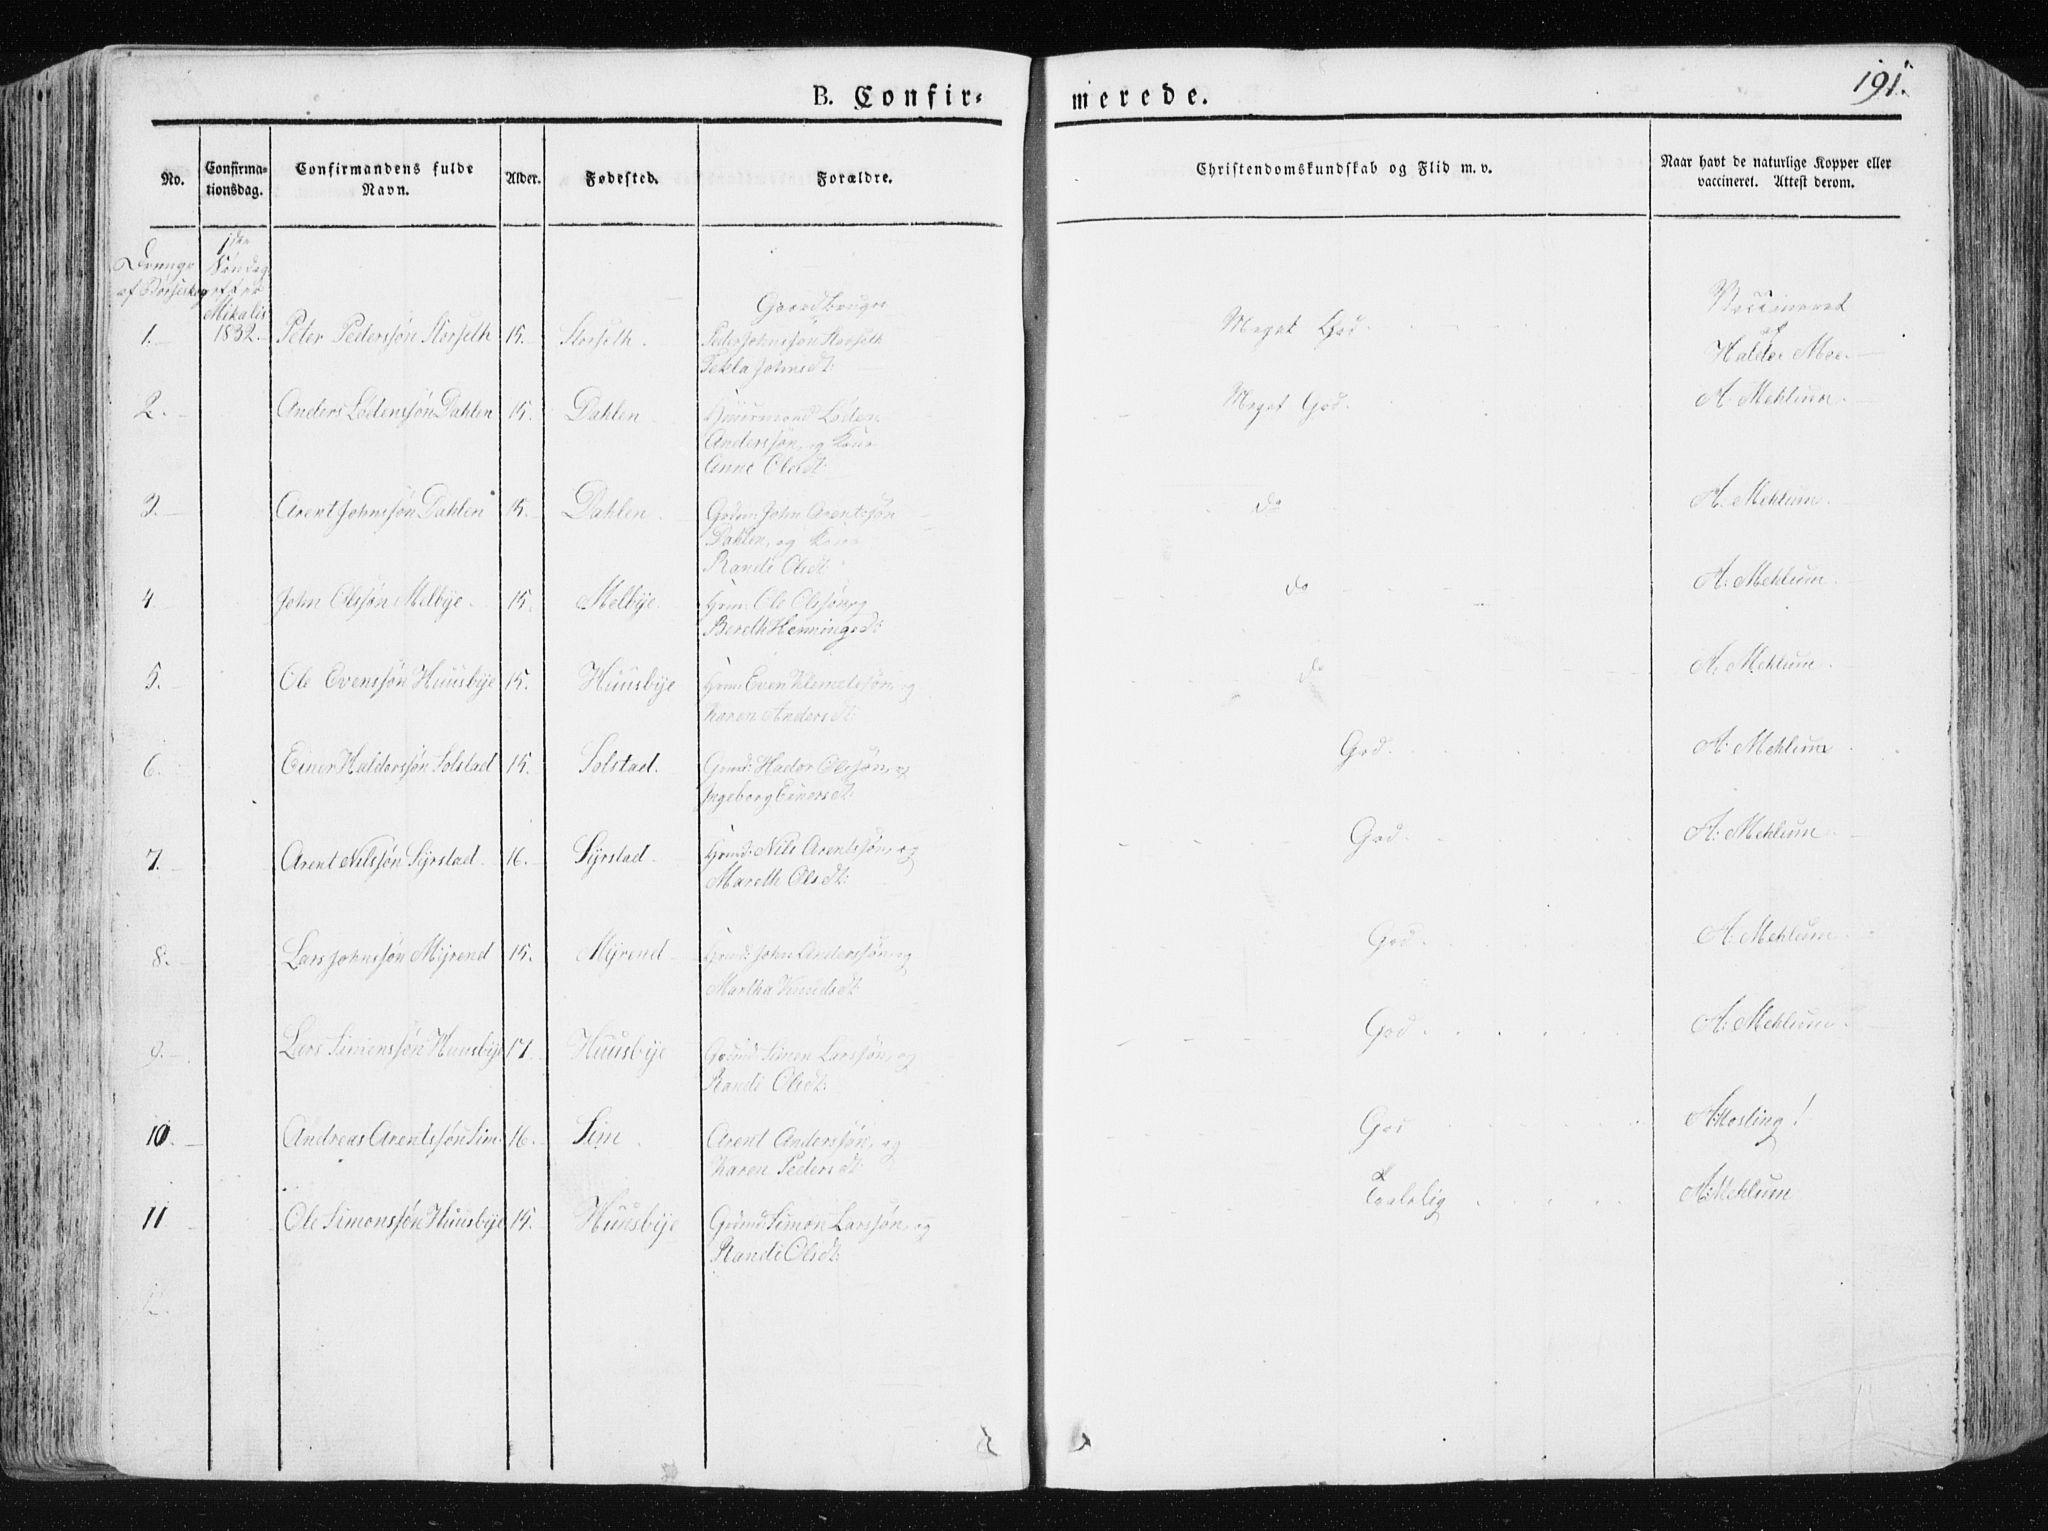 SAT, Ministerialprotokoller, klokkerbøker og fødselsregistre - Sør-Trøndelag, 665/L0771: Ministerialbok nr. 665A06, 1830-1856, s. 191